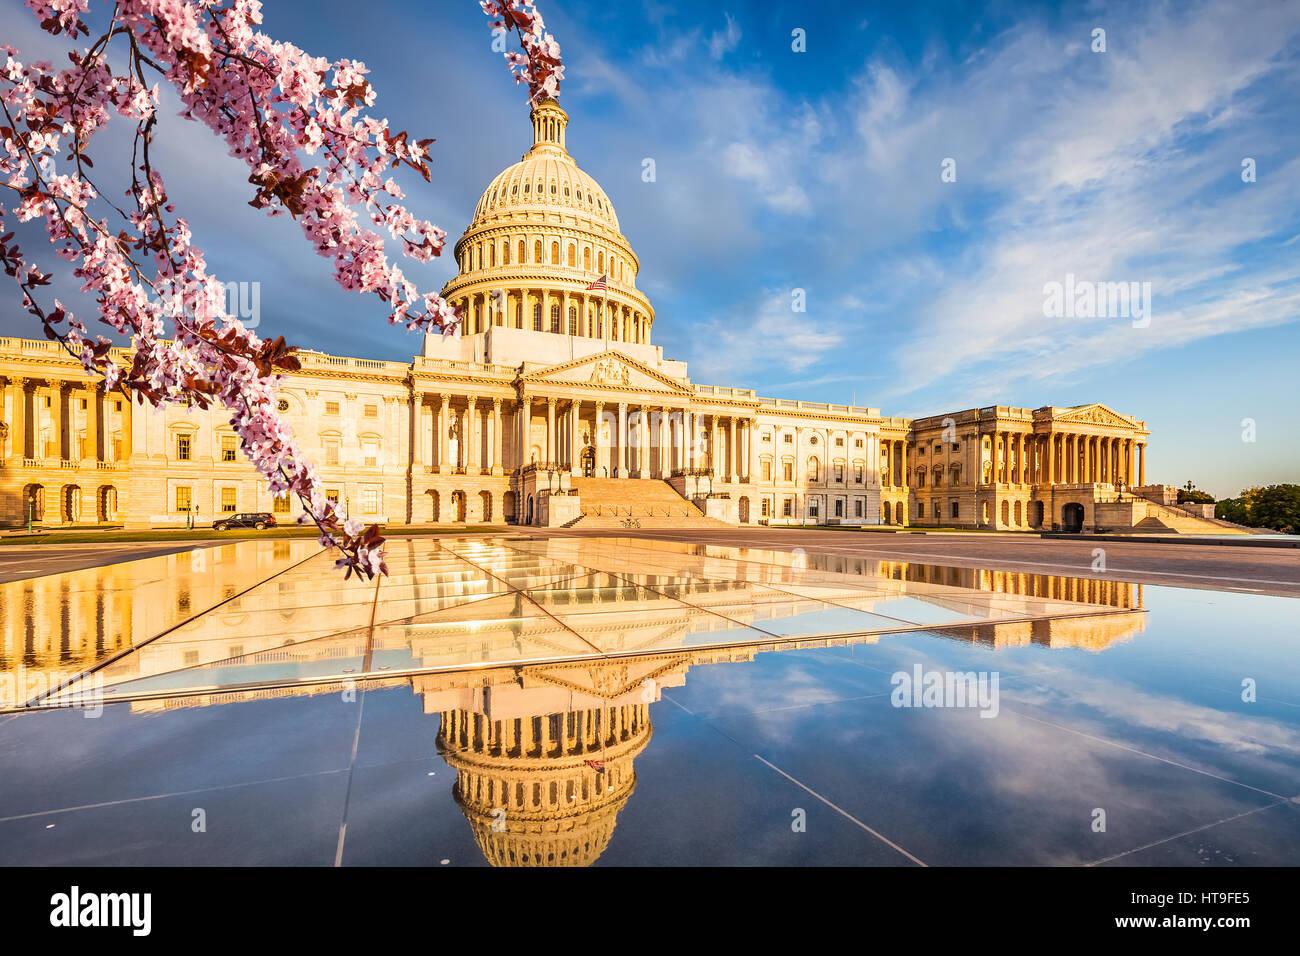 U.S. Capitol über blauer Himmel mit blühenden Kirschbaum im Vordergrund Stockbild